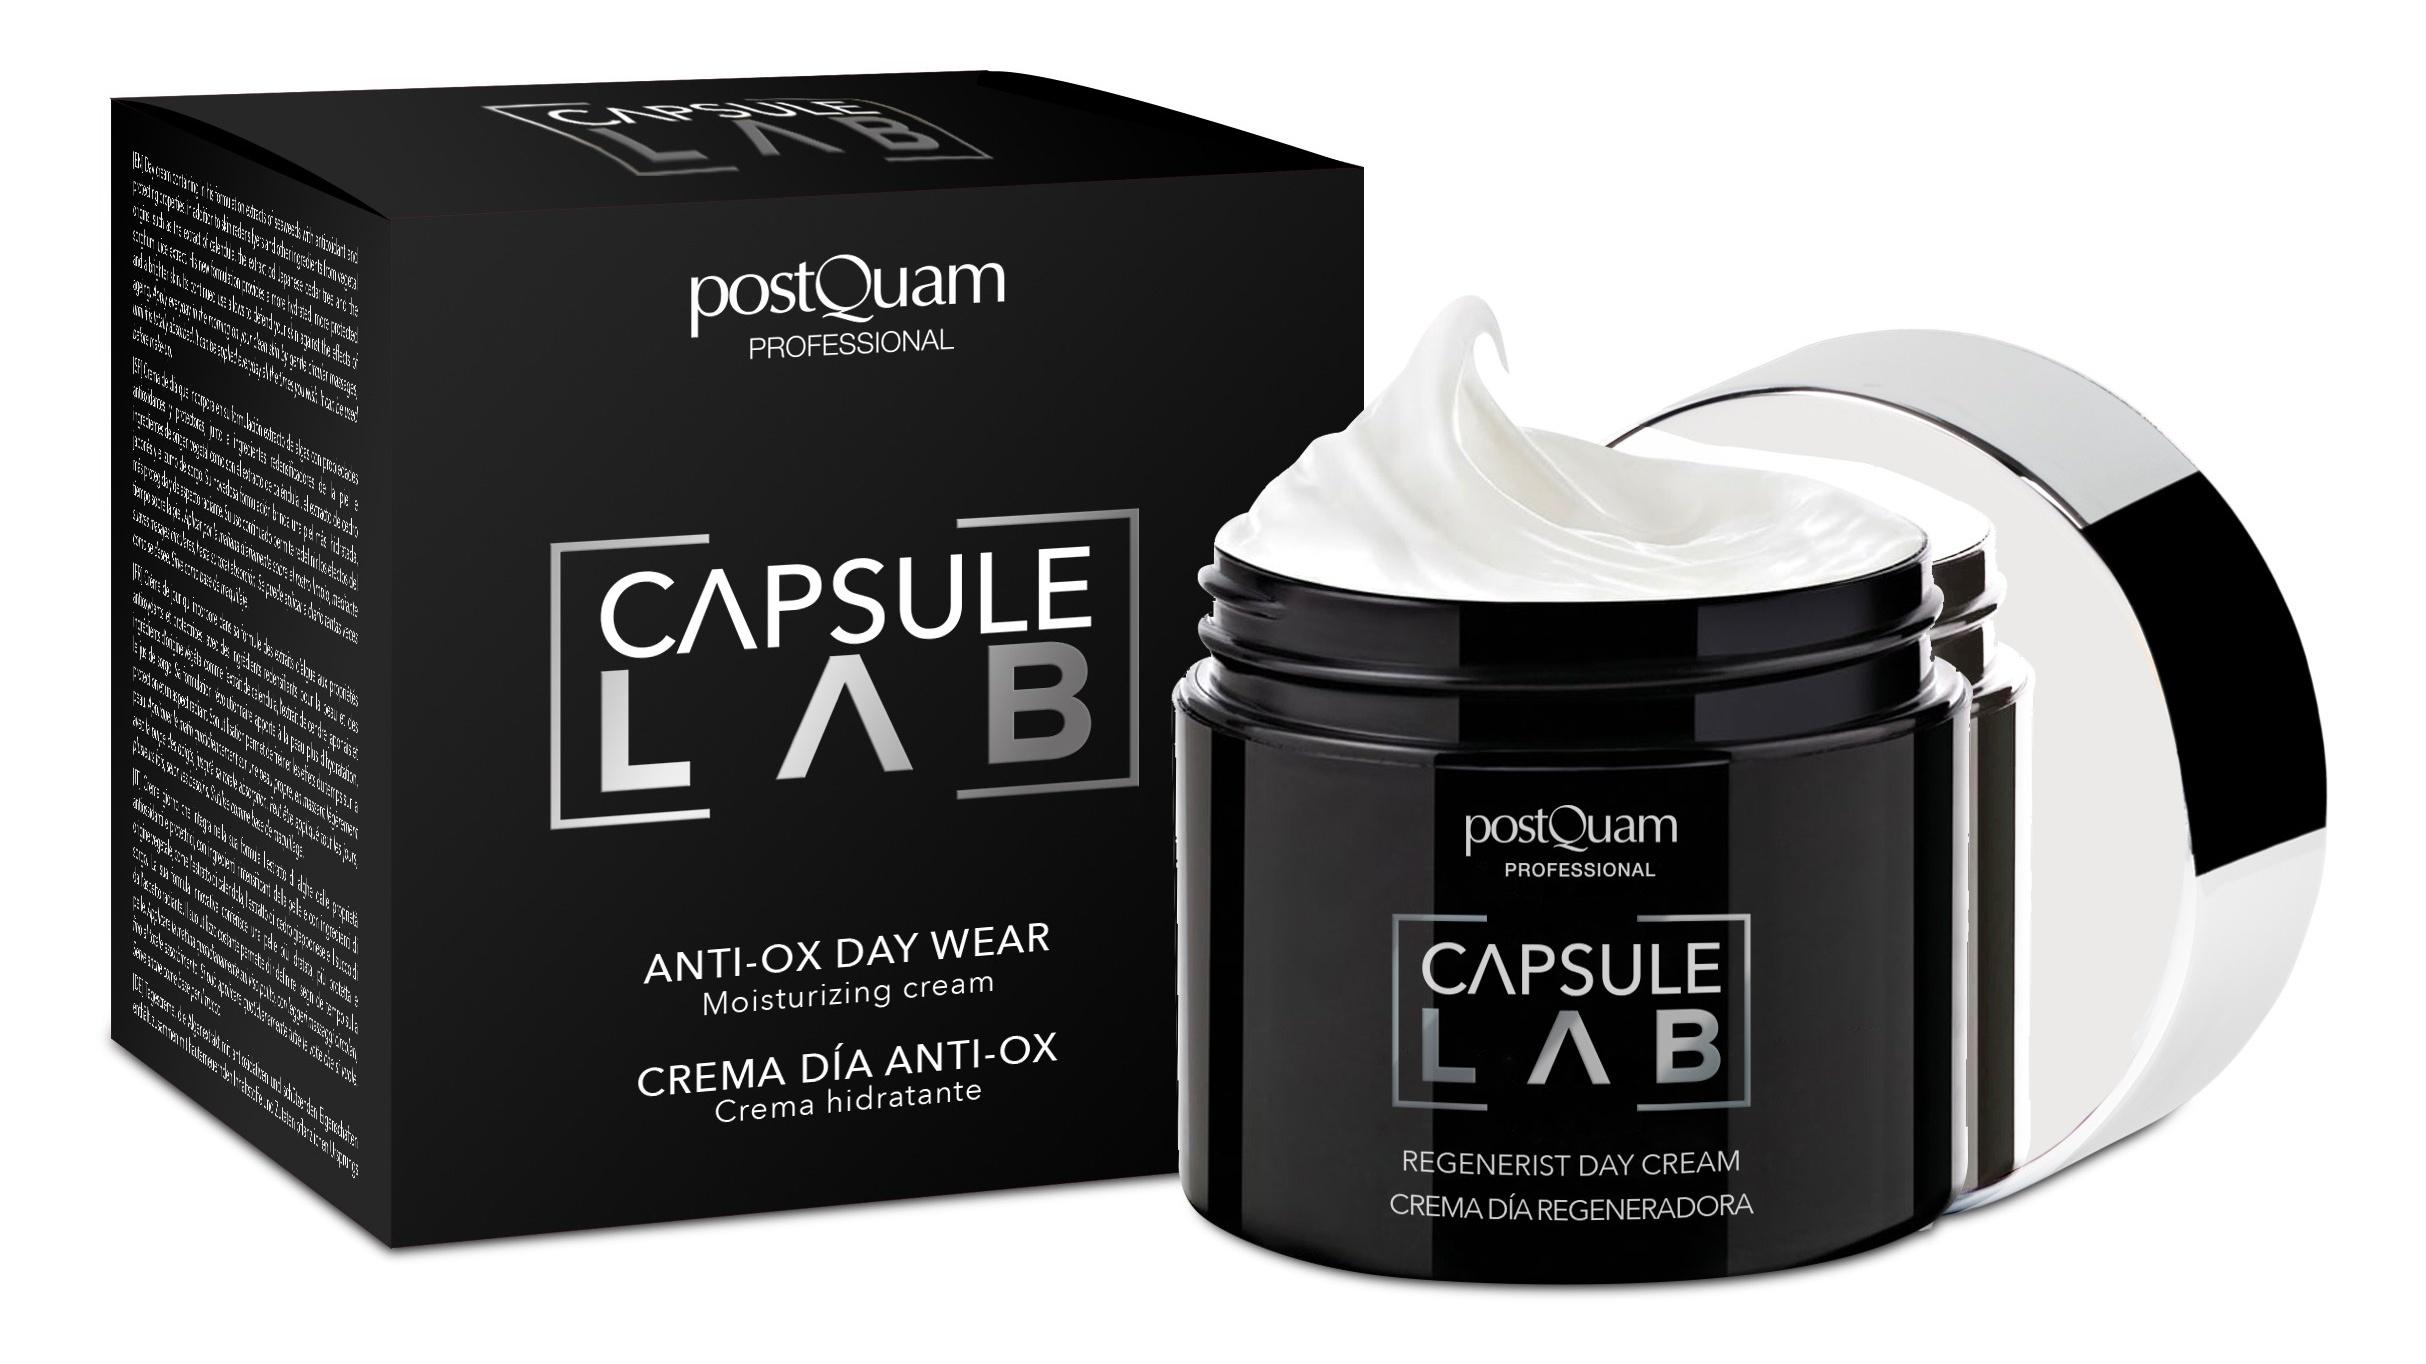 Postquam Capsule Lab Anti-Ox Daywear